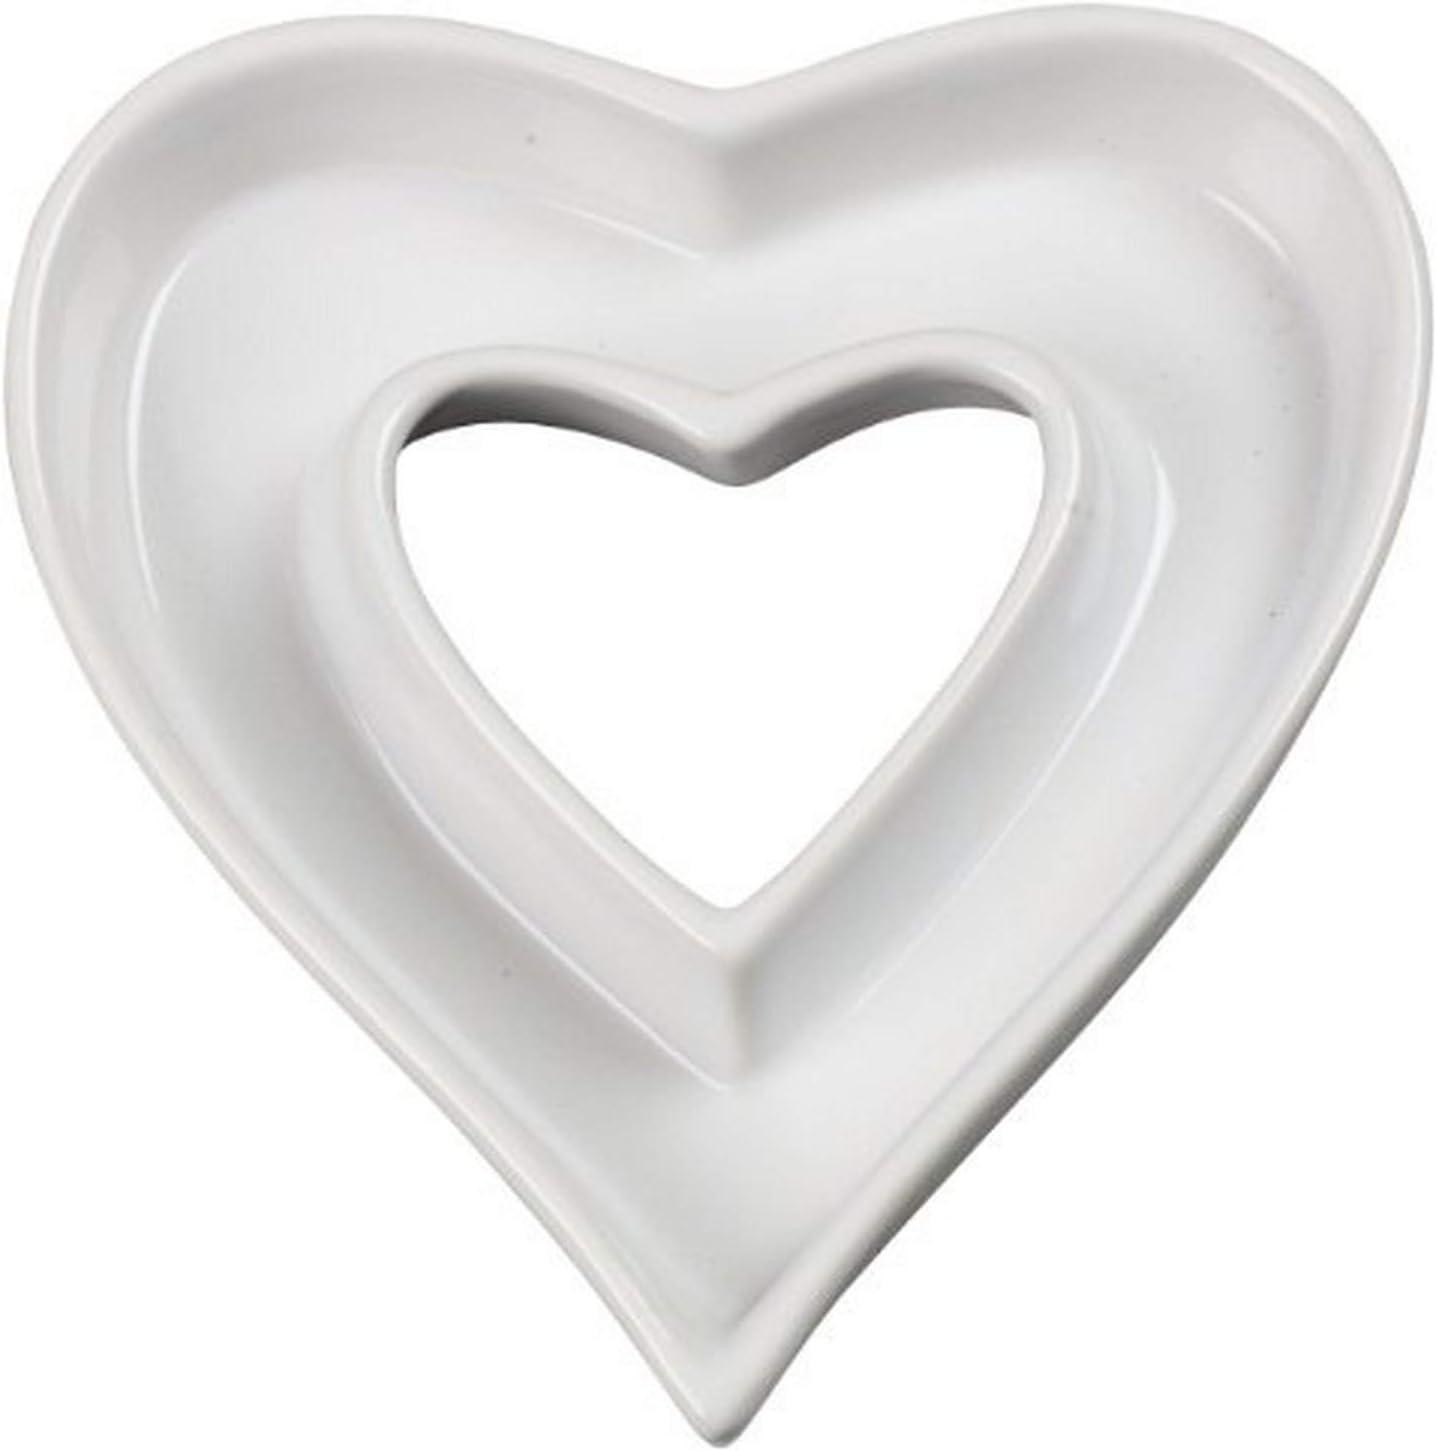 Ivy Lane Design Ceramic Love Letter Dish, Heart Shape, White